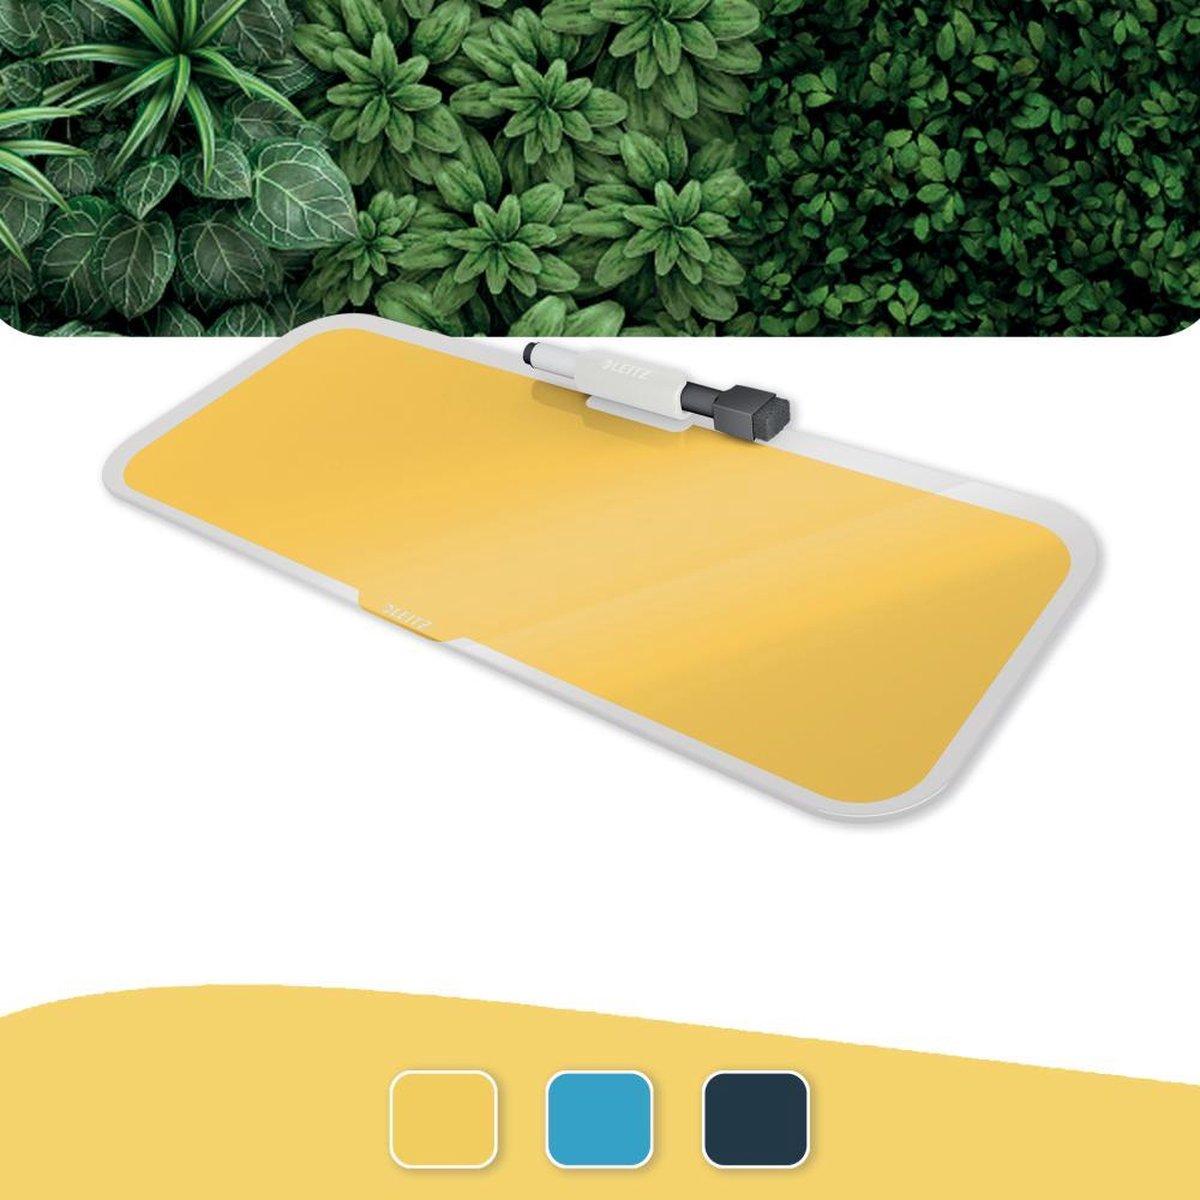 Leitz Cosy Glassboard Voor Bureau - Glazen Memobord Met Pennenhouder - Inclusief Minimarker Met Wisser - Warm Geel